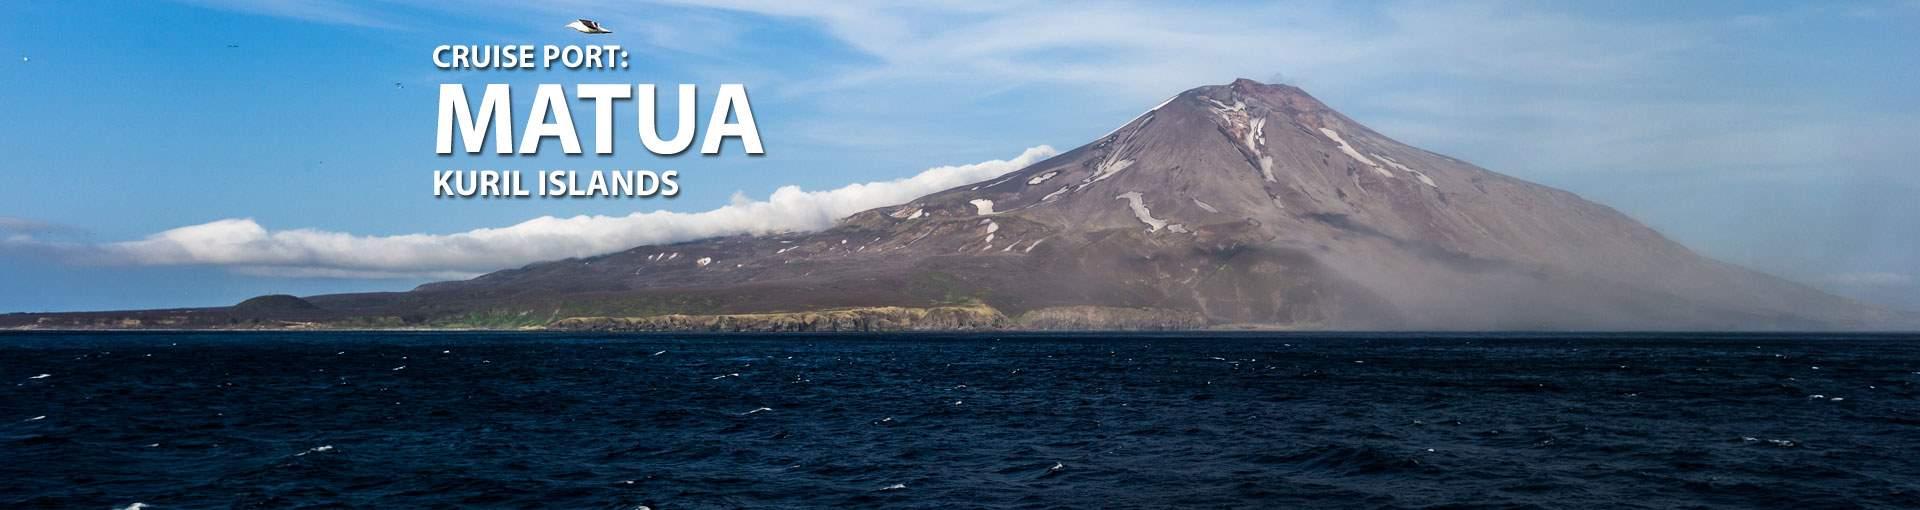 Cruises to Matua, Kuril Islands